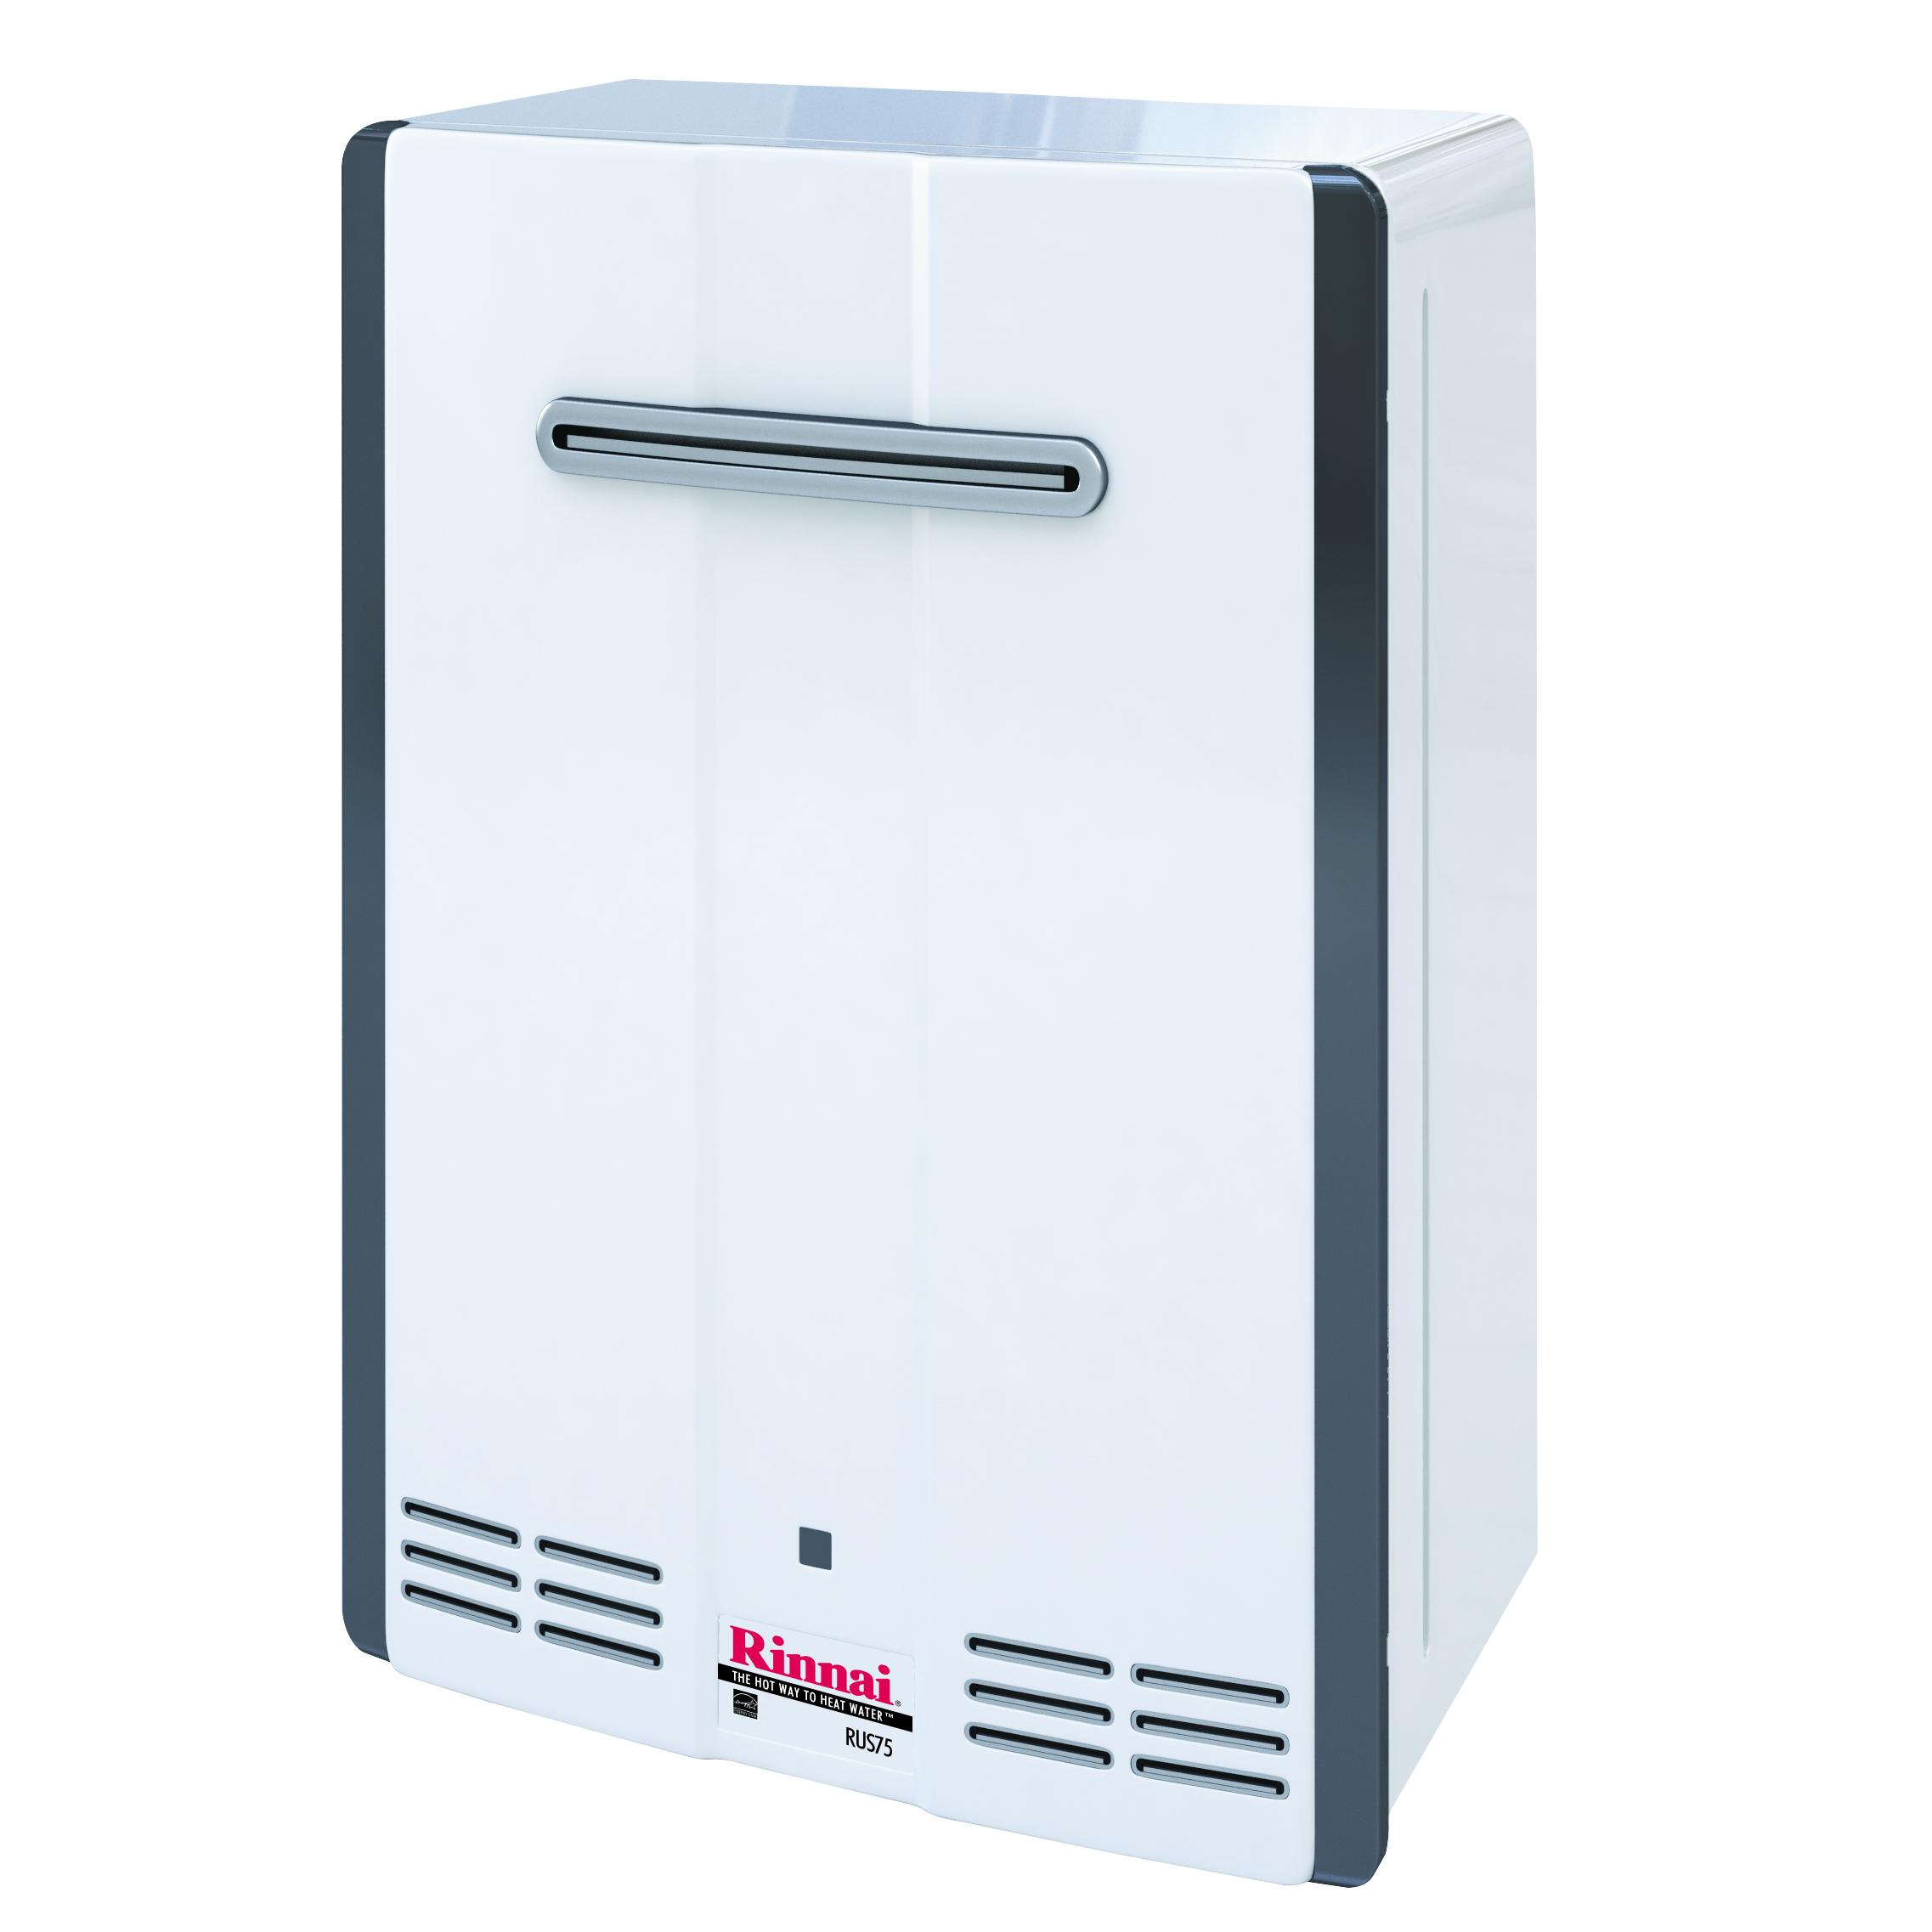 Rus75en Tankless Water Heater Rinnai